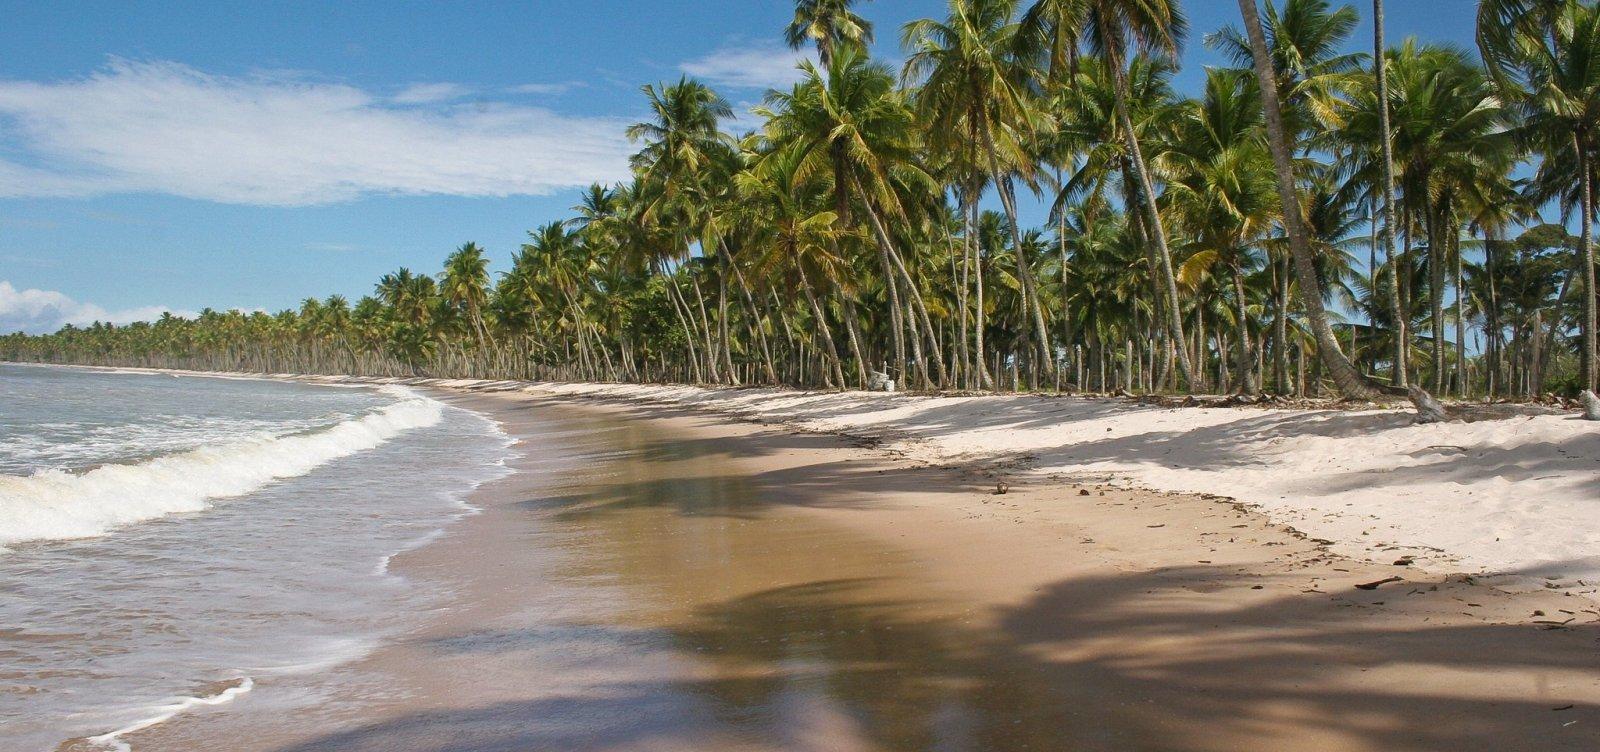 Boipeba: 20% da ilha pode ser entregue à iniciativa privada